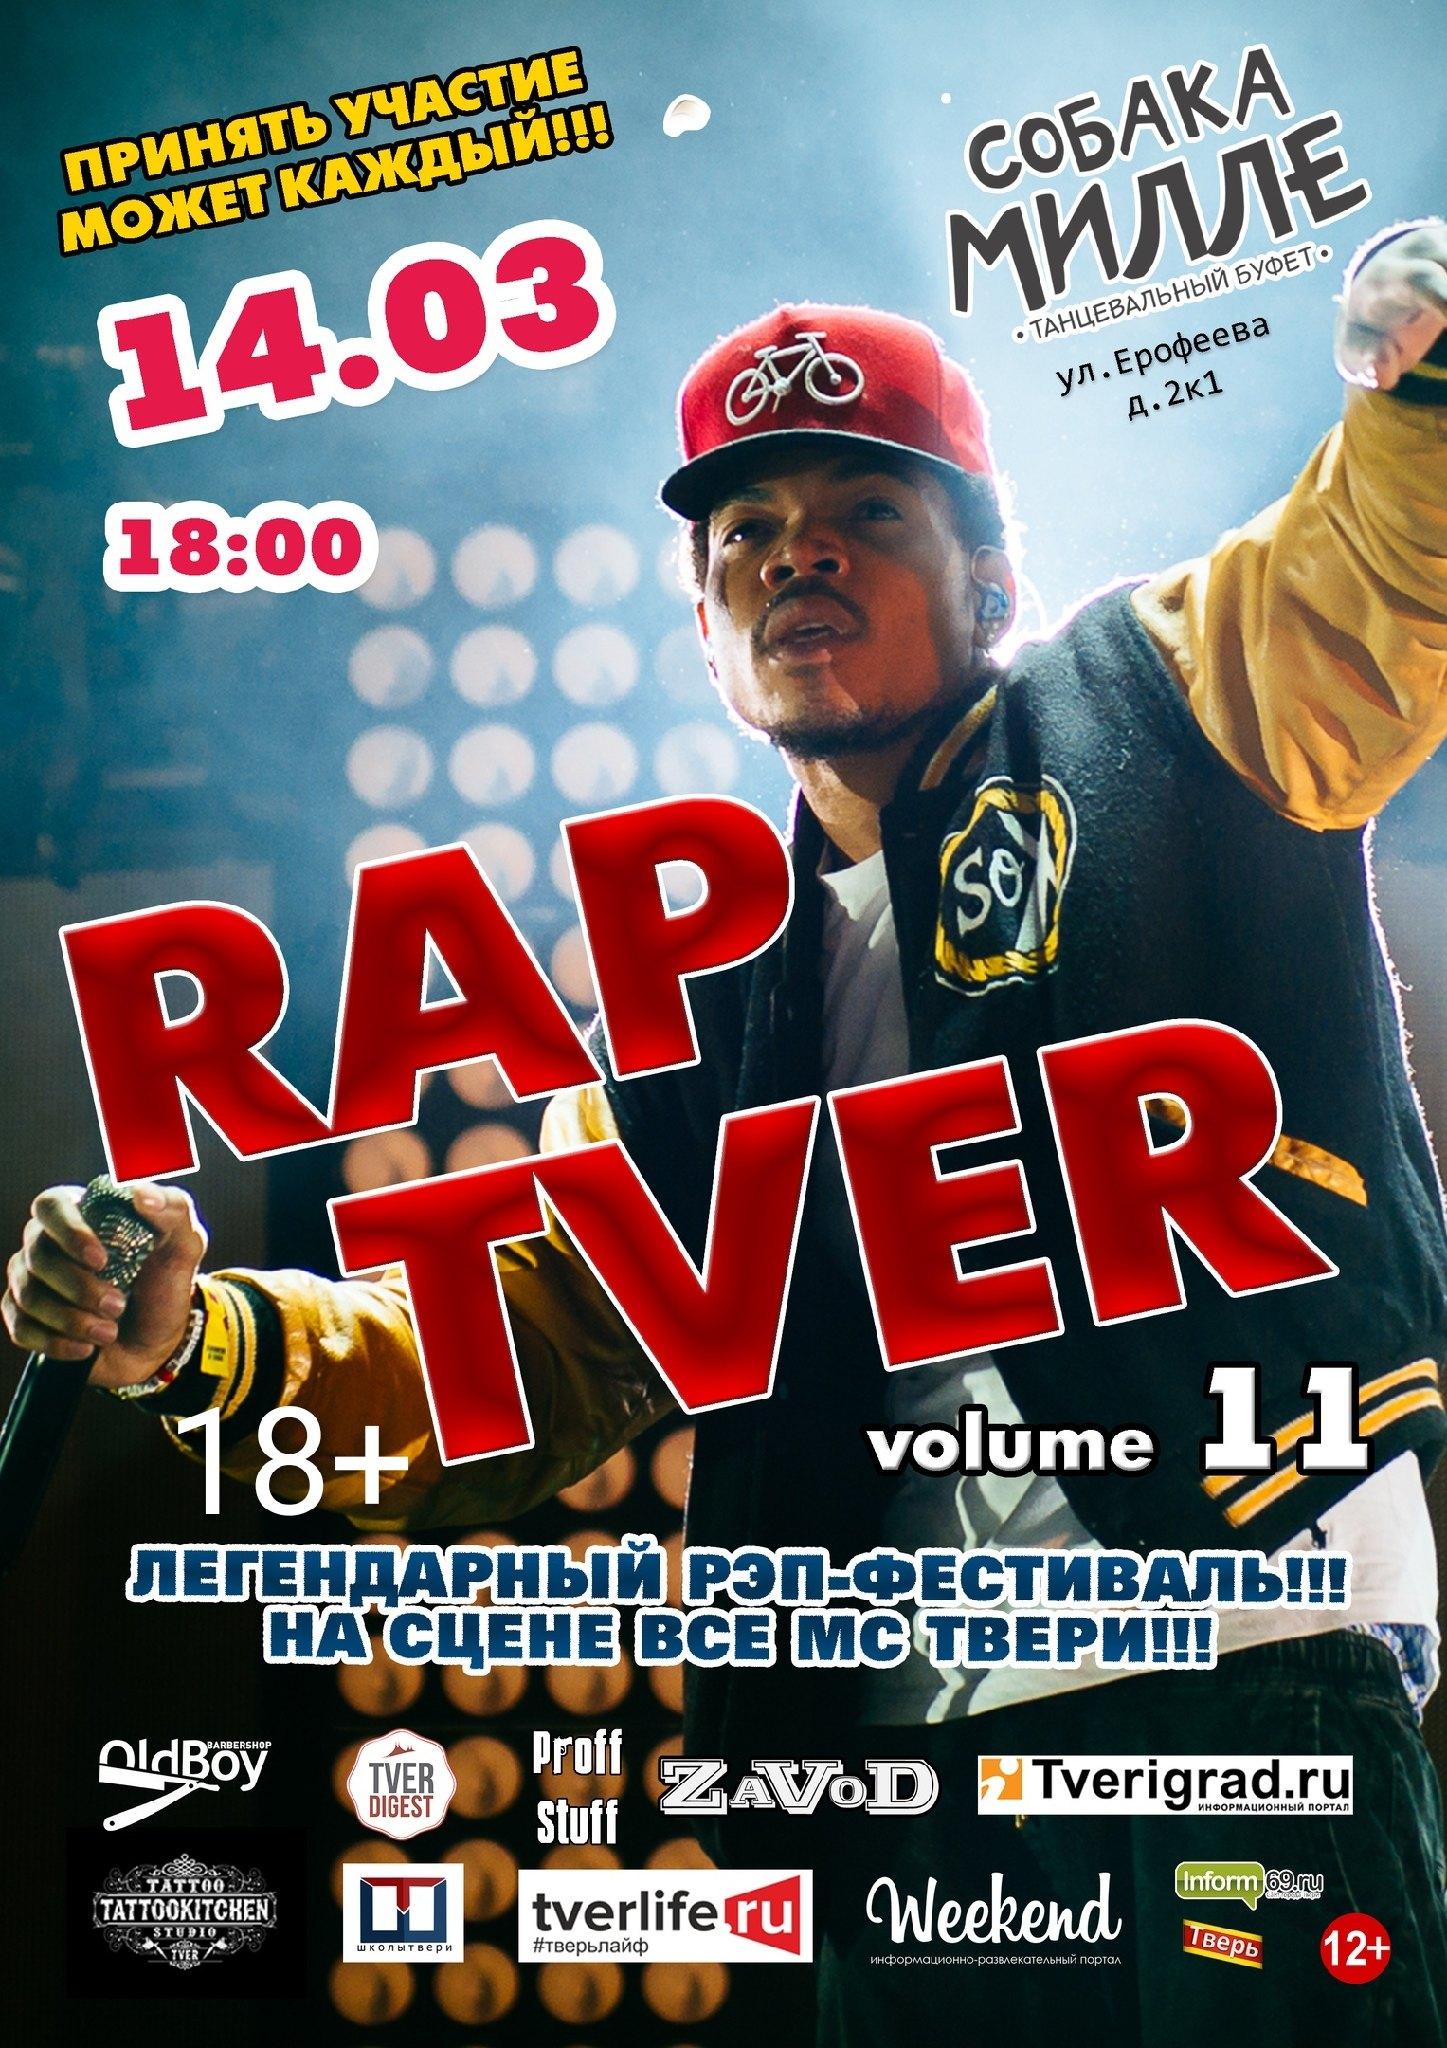 В Твери пройдет весенний рэп-фестиваль